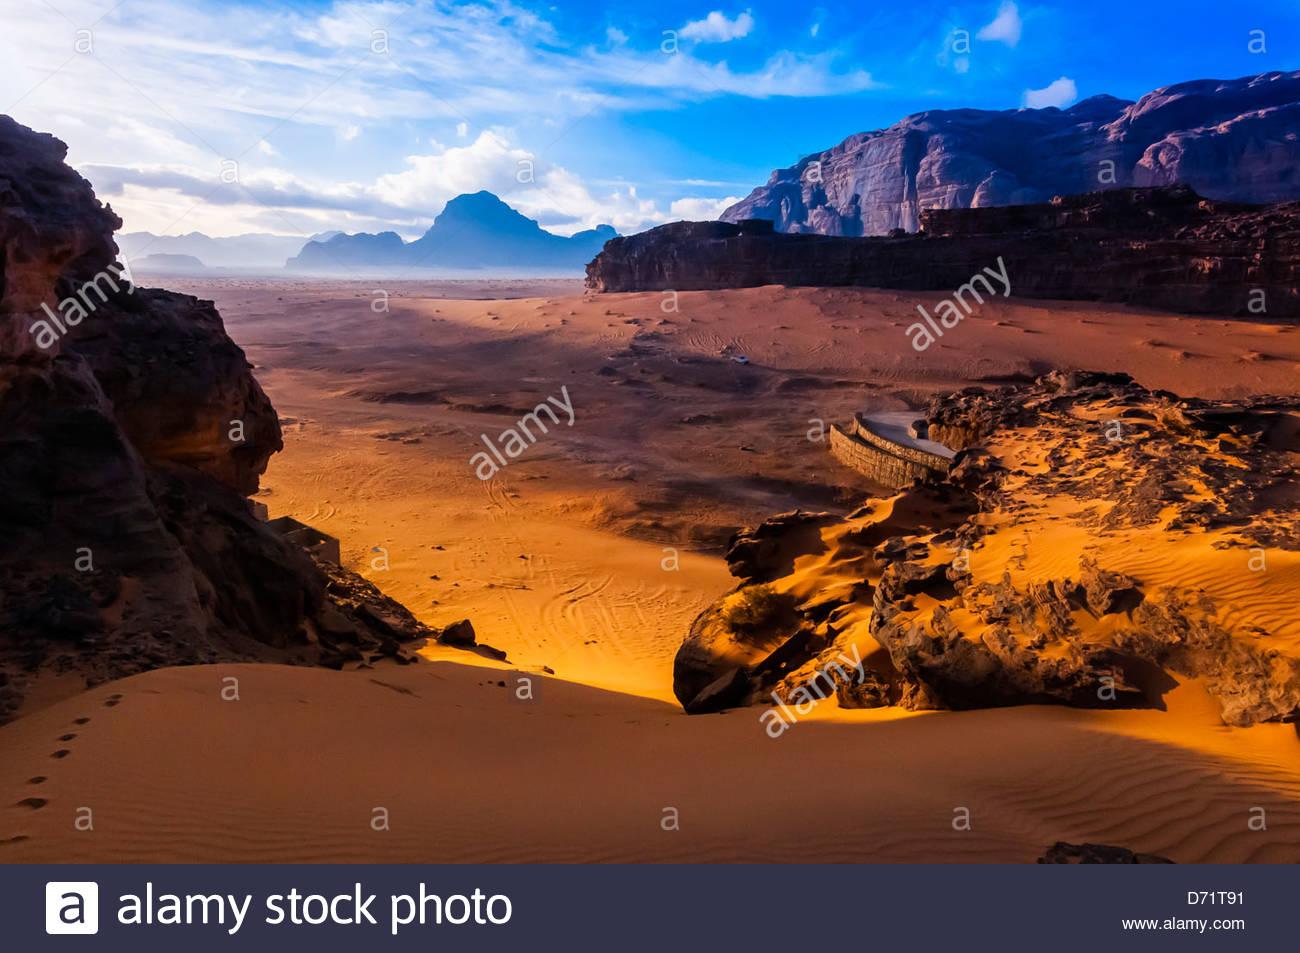 Deserto arabico a Wadi Rum, Giordania. Immagini Stock